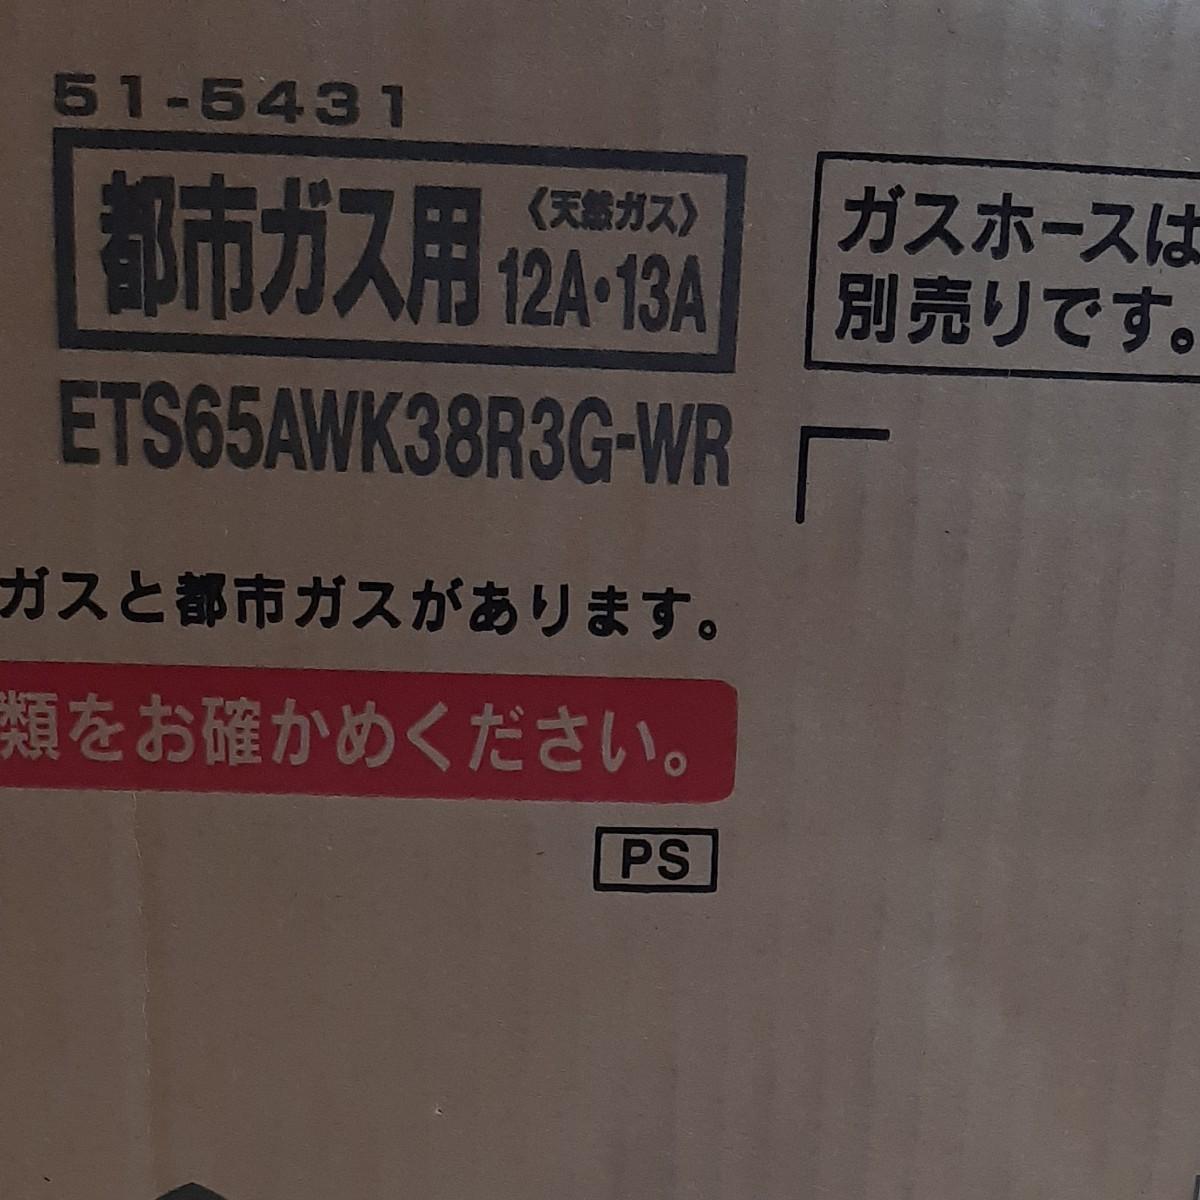 【開封済 未使用品】テーブルコンロ リンナイ HOWAROホワロ Cプラス (右強火力 都市ガス用)ETS65AWK38R3G-W